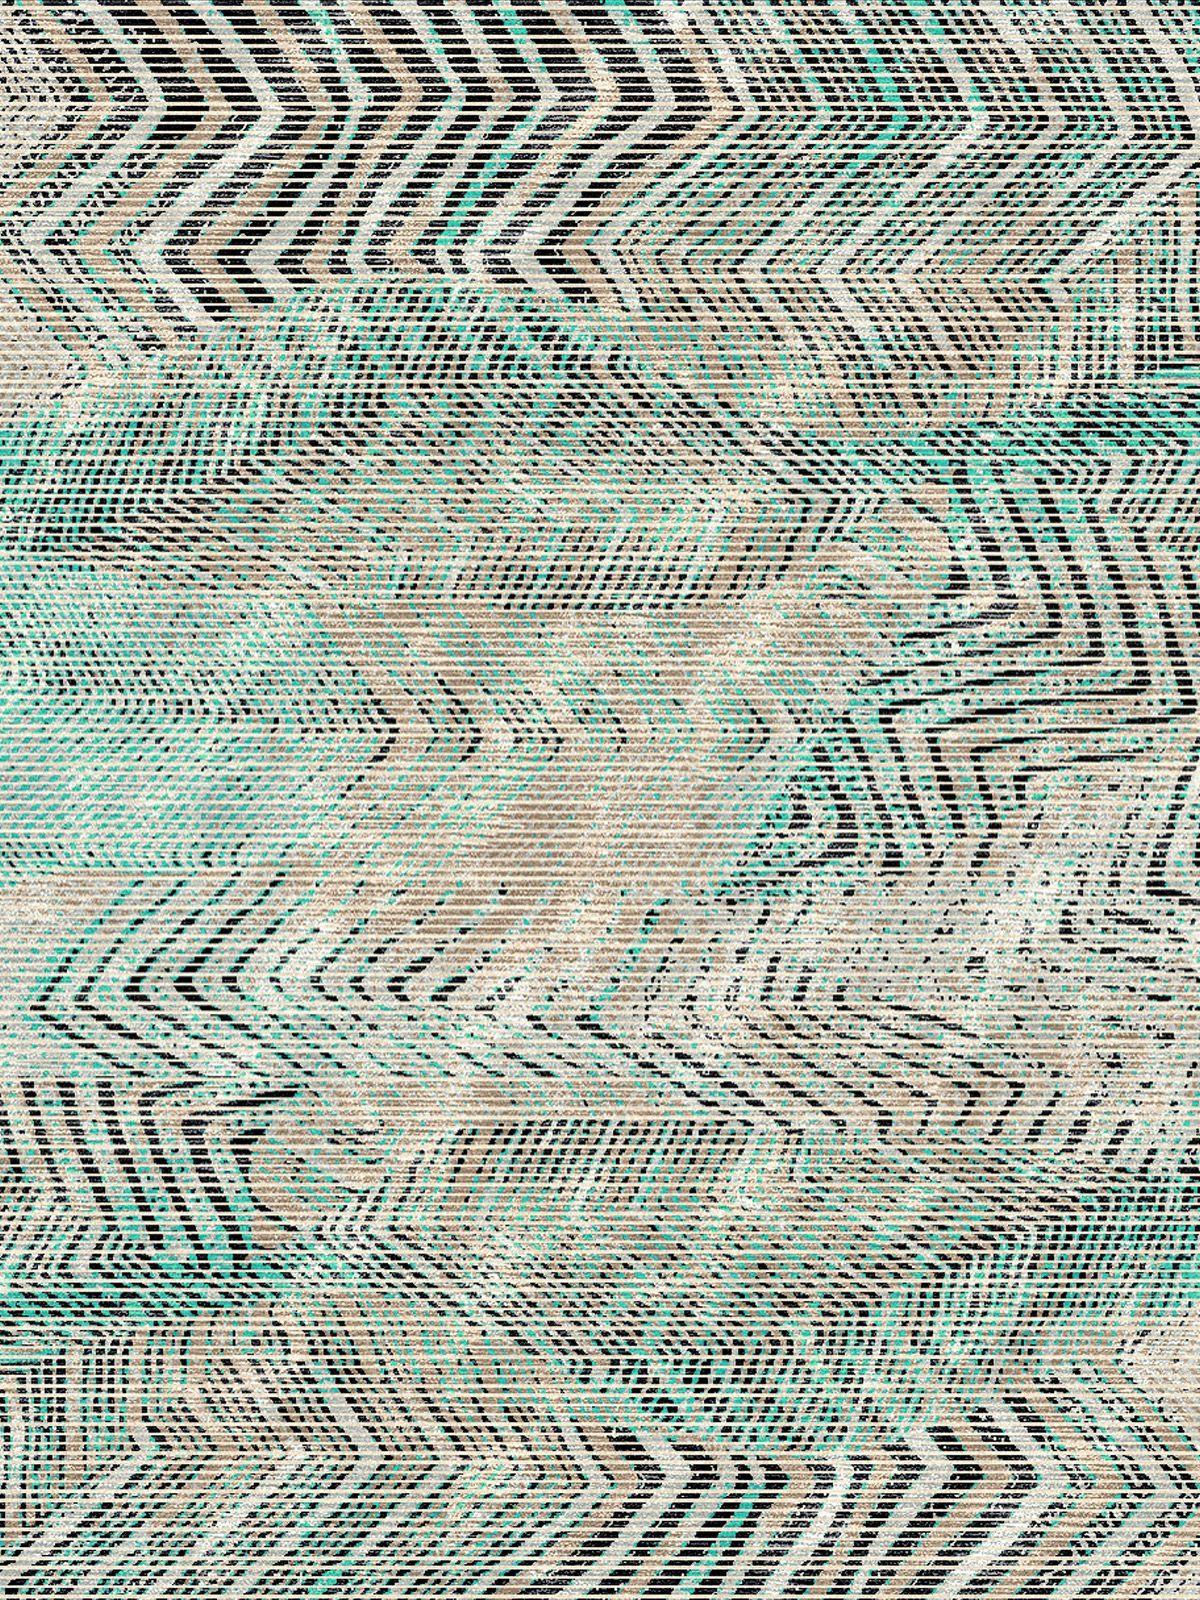 Luxury Rugs Bespoke Designer Rugs Bazaar Velvet London Textured Carpet Patterned Carpet Rugs On Carpet